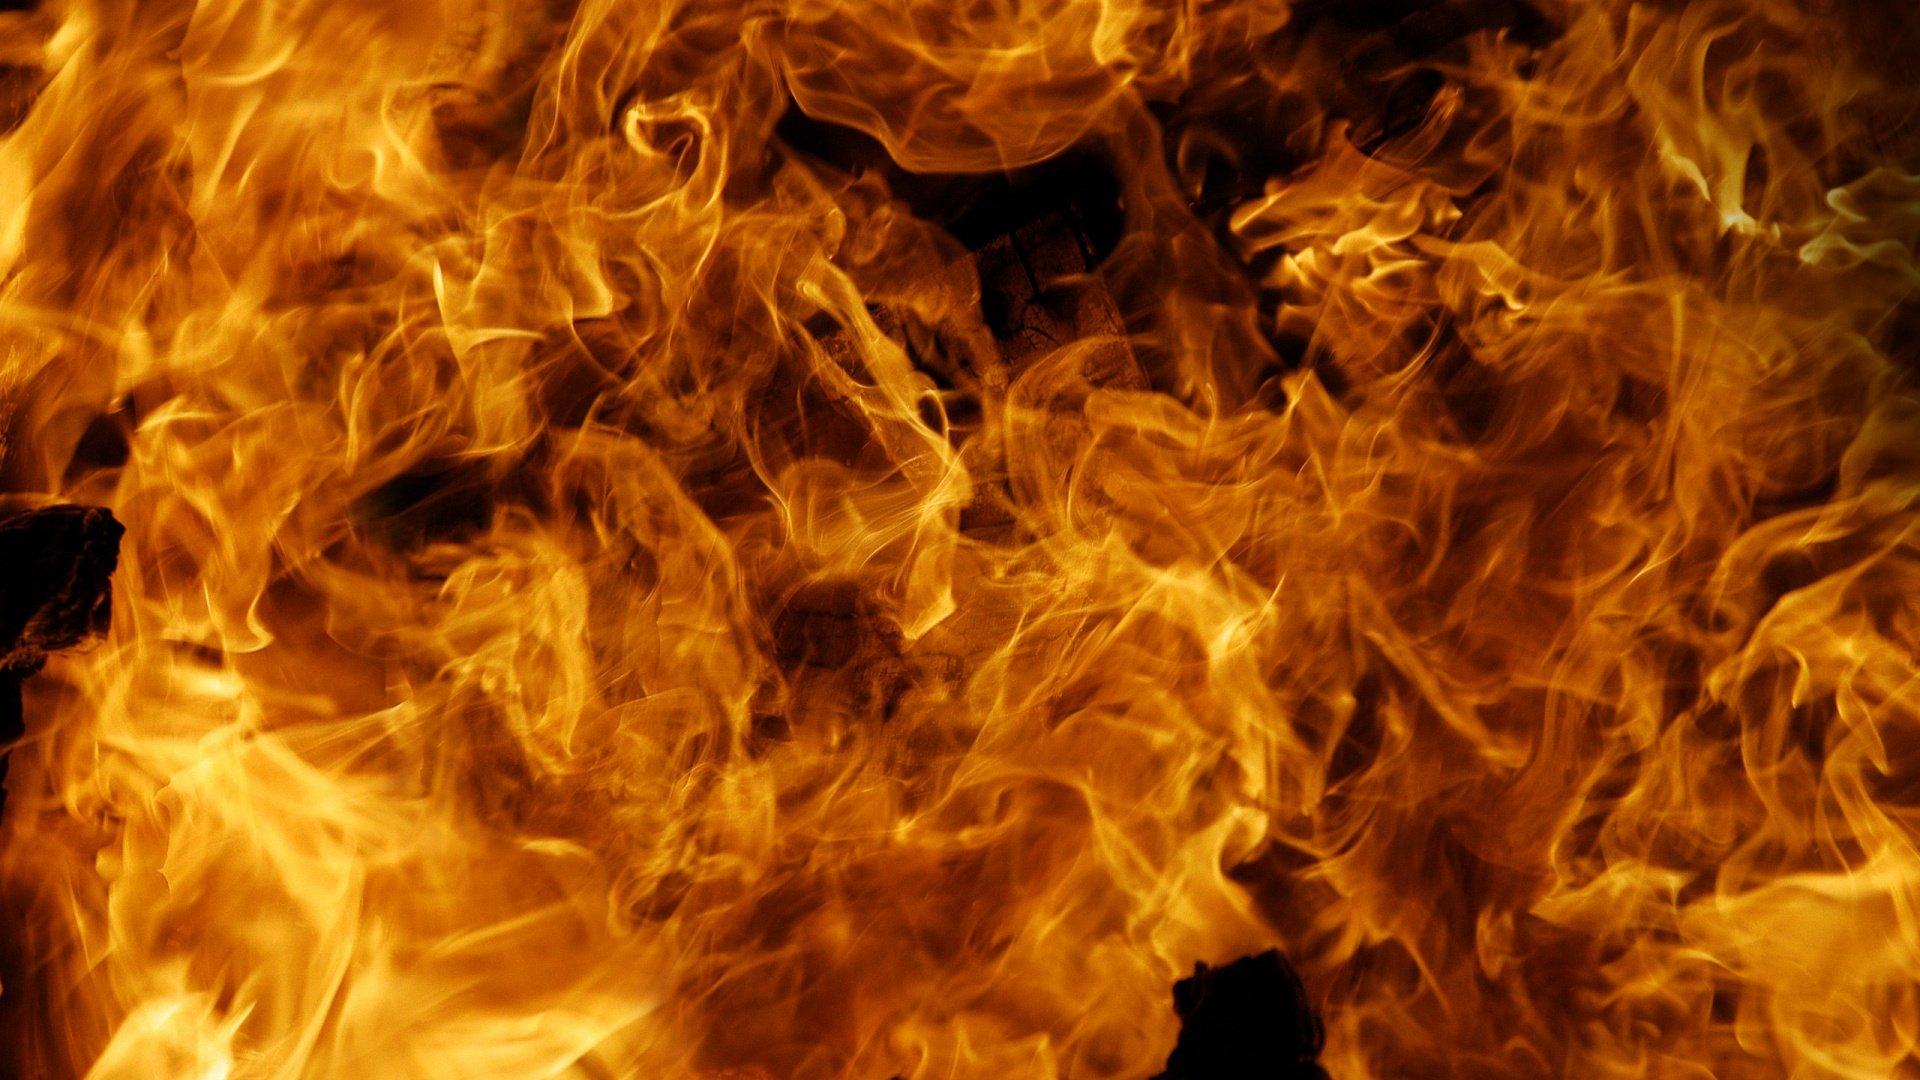 отклик картинка огня в высоком качестве снискала свою известность